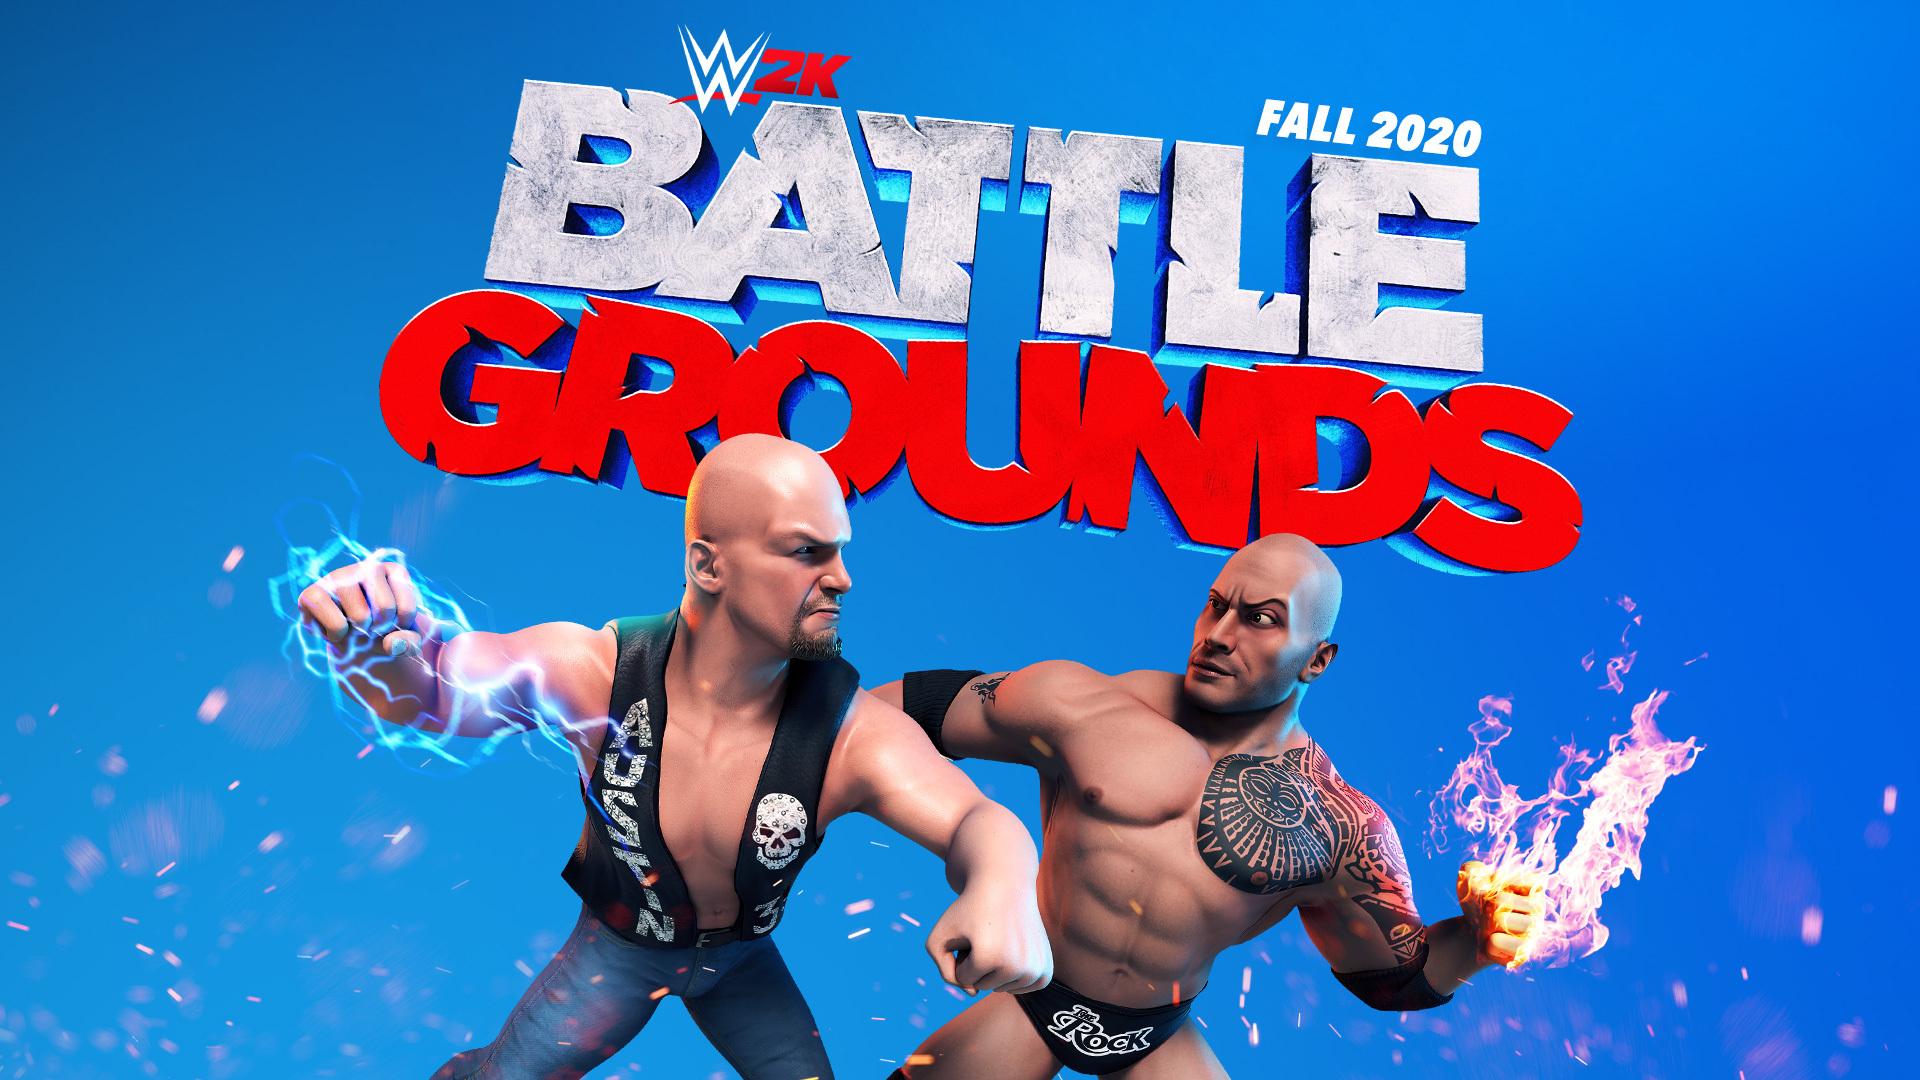 《WWE 2K竞技场》追加新角色 包含高柏、巴蒂斯塔